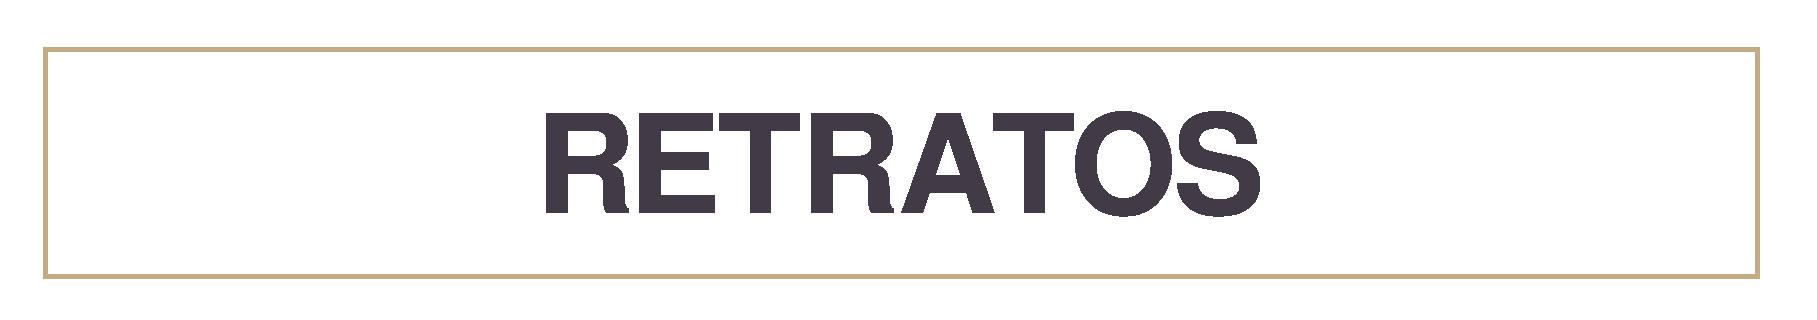 RETRATOS-01